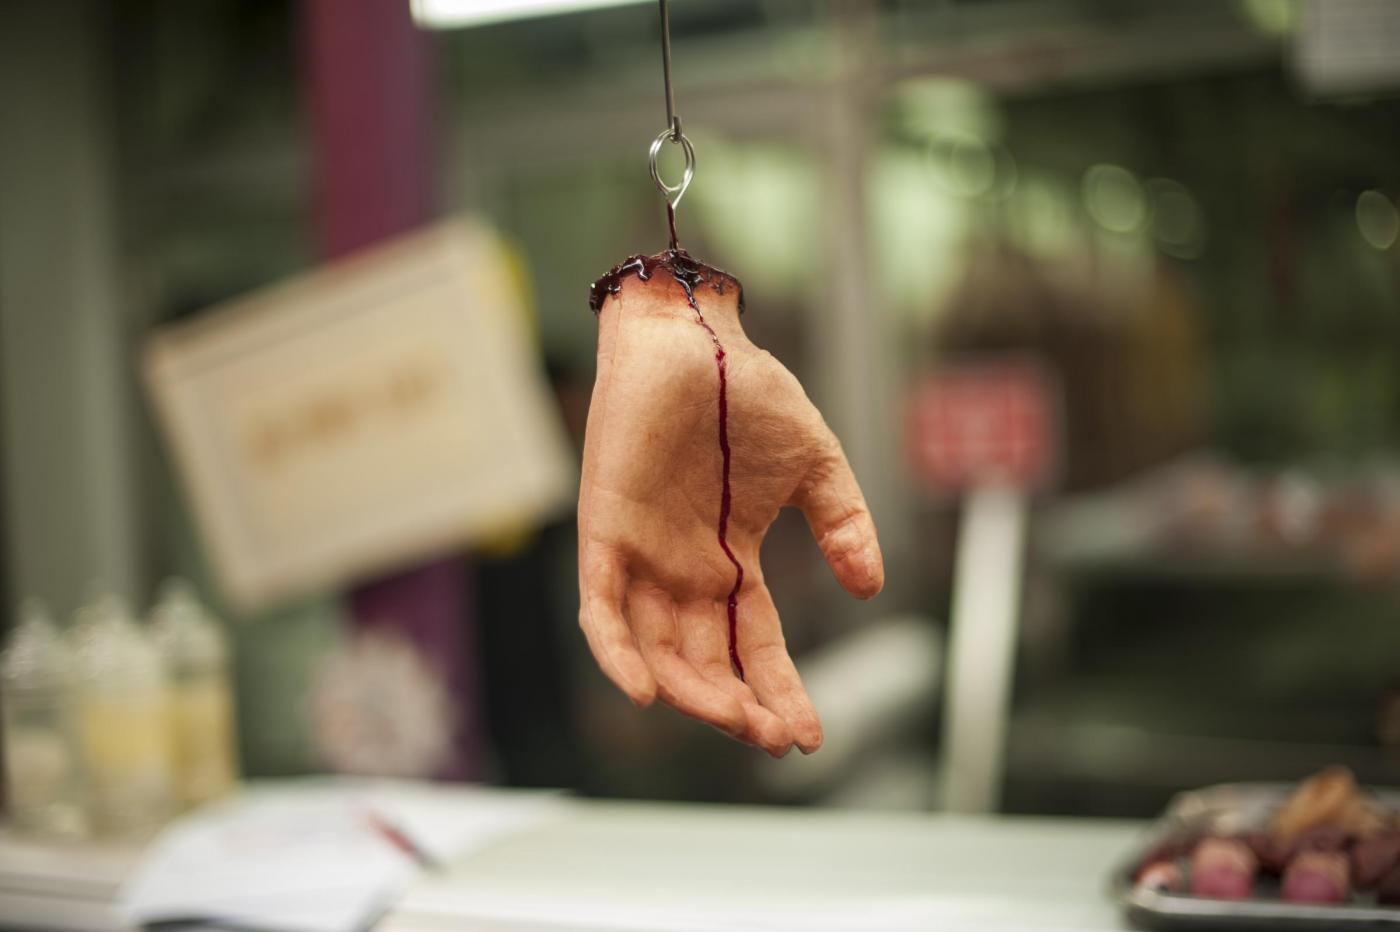 La macelleria 'Human butchery' apre a Londra12